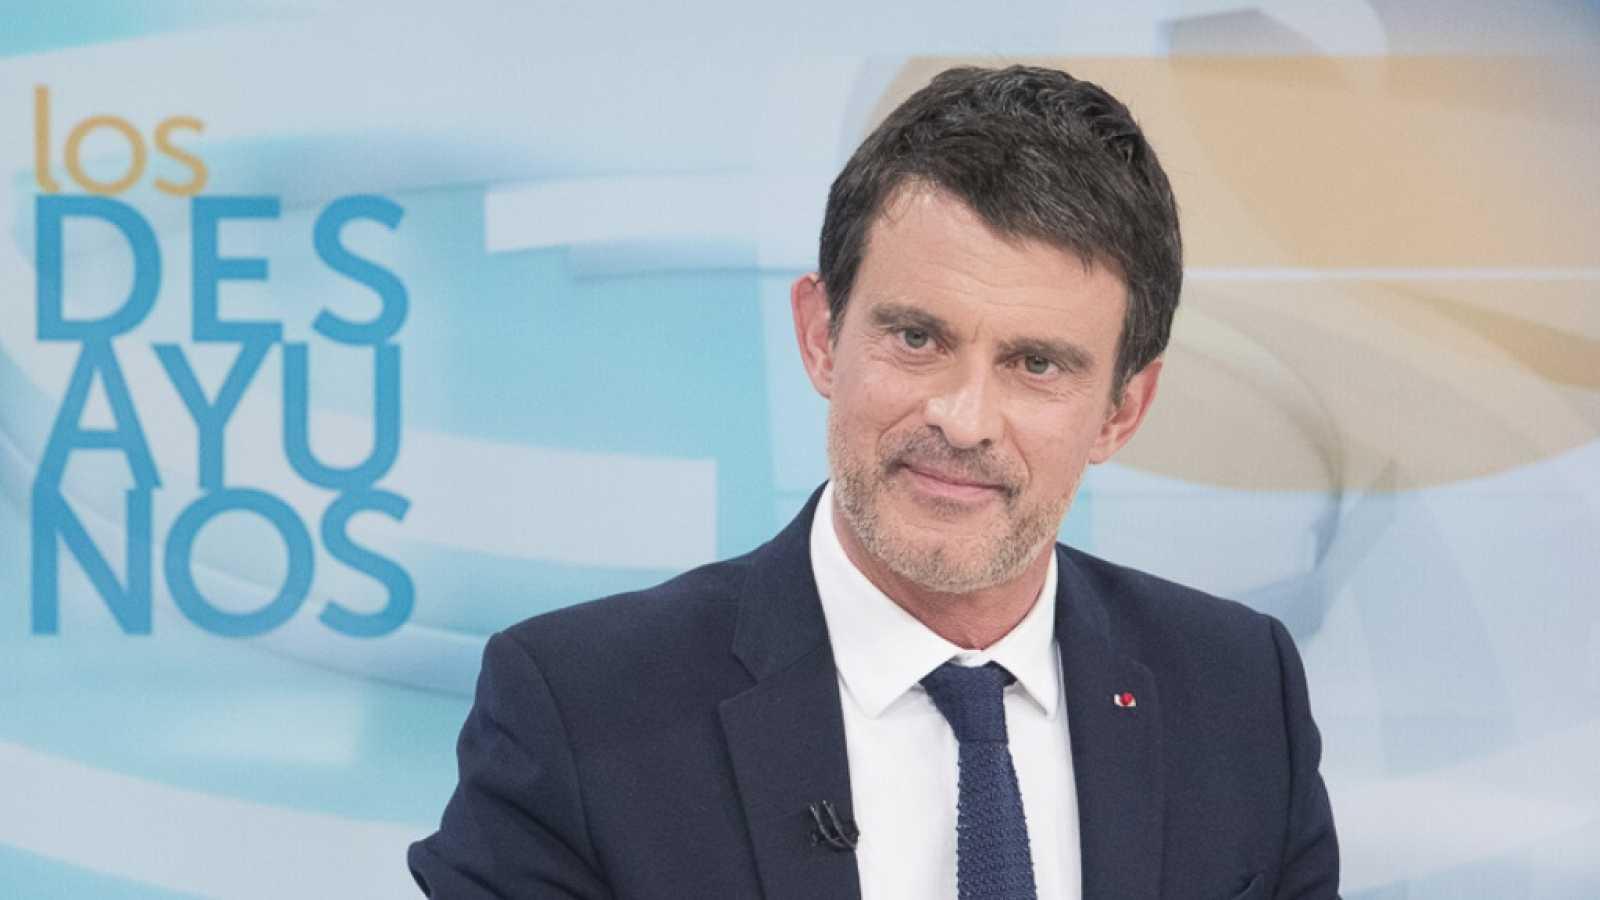 Los desayunos de TVE - Manuel Valls, exprimer ministro de Francia ...